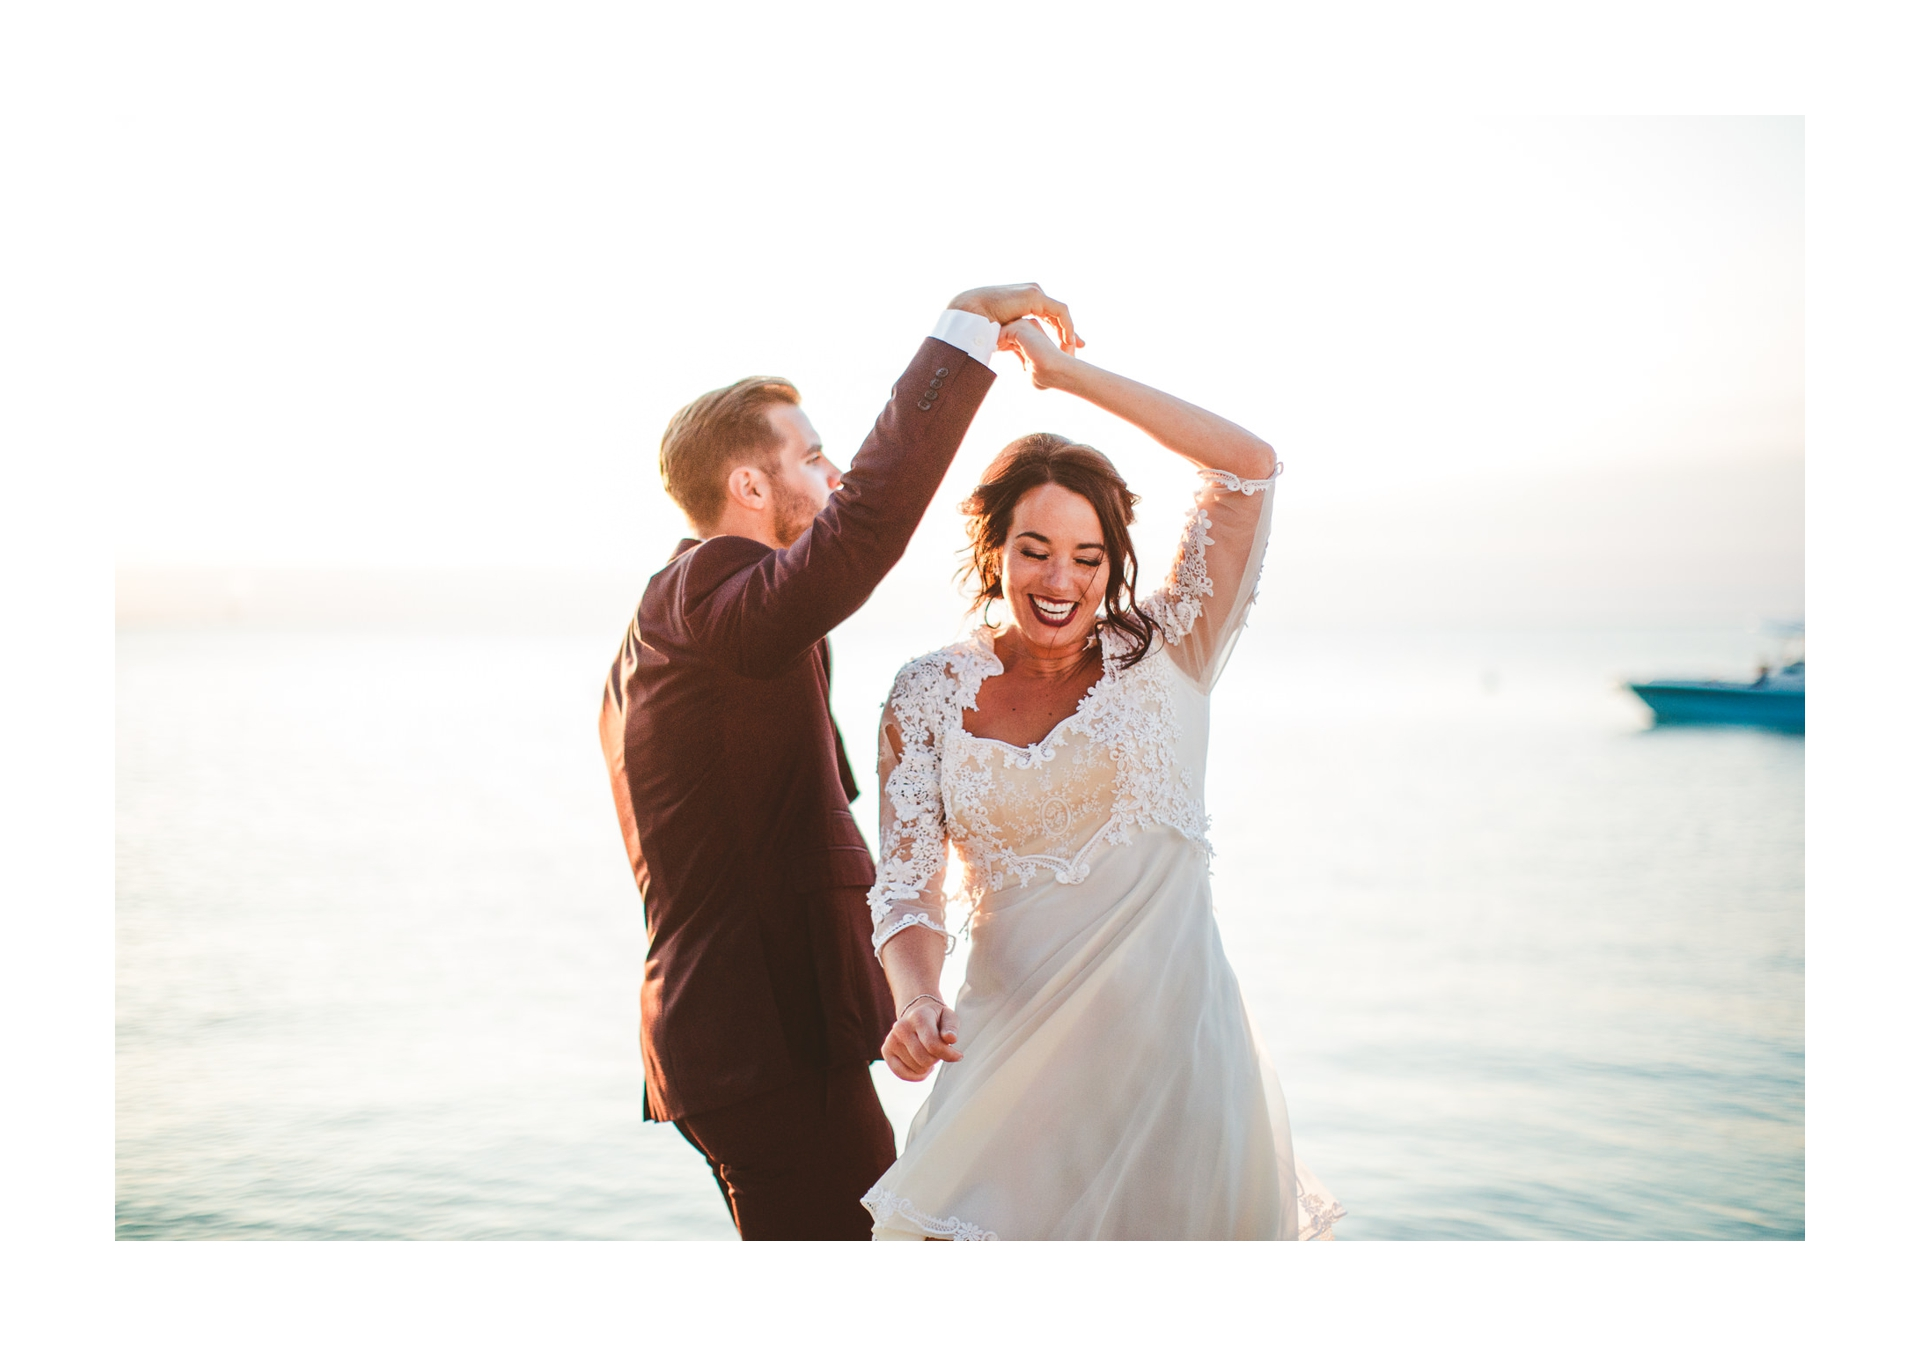 Catawba Island Club Wedding Photographer in Port Clinton 92.jpg